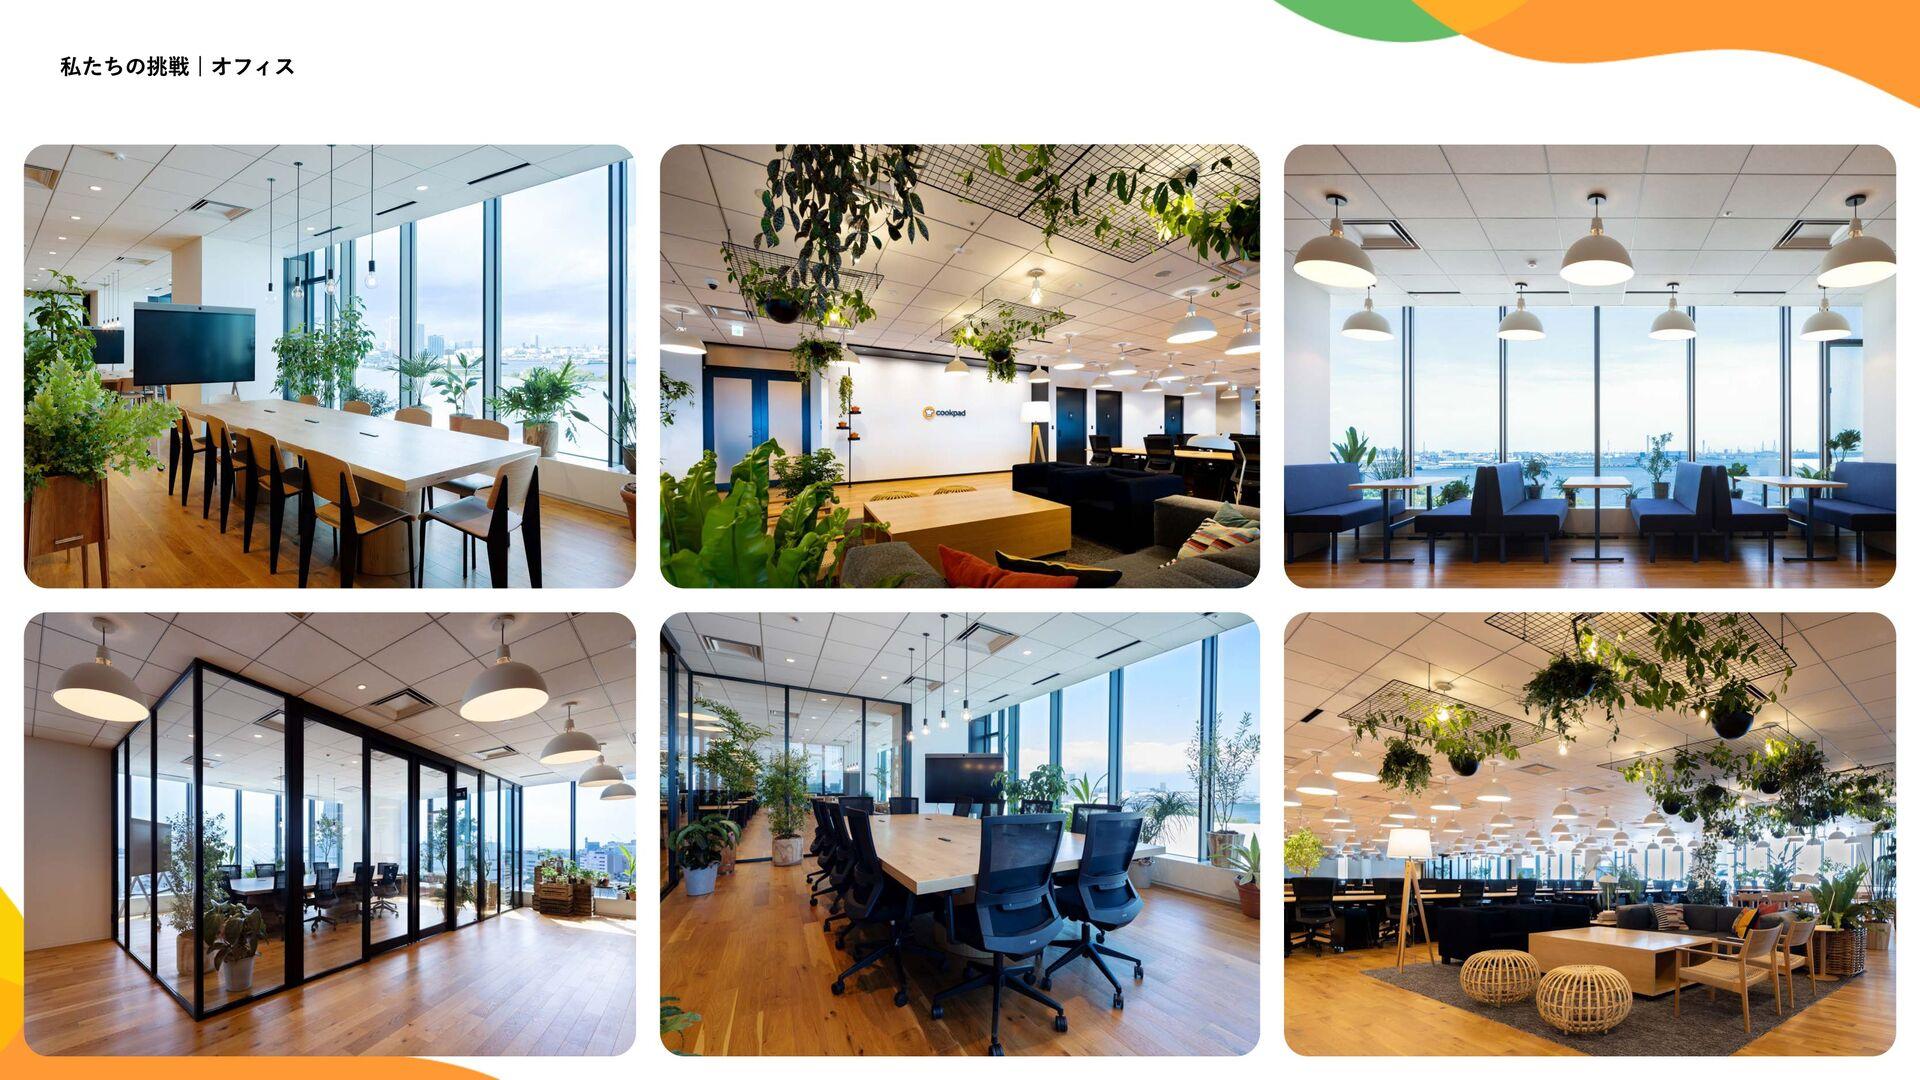 事業紹介 | 沿革 3 1997 1998 2021 2007 2013 2014 2017 ...